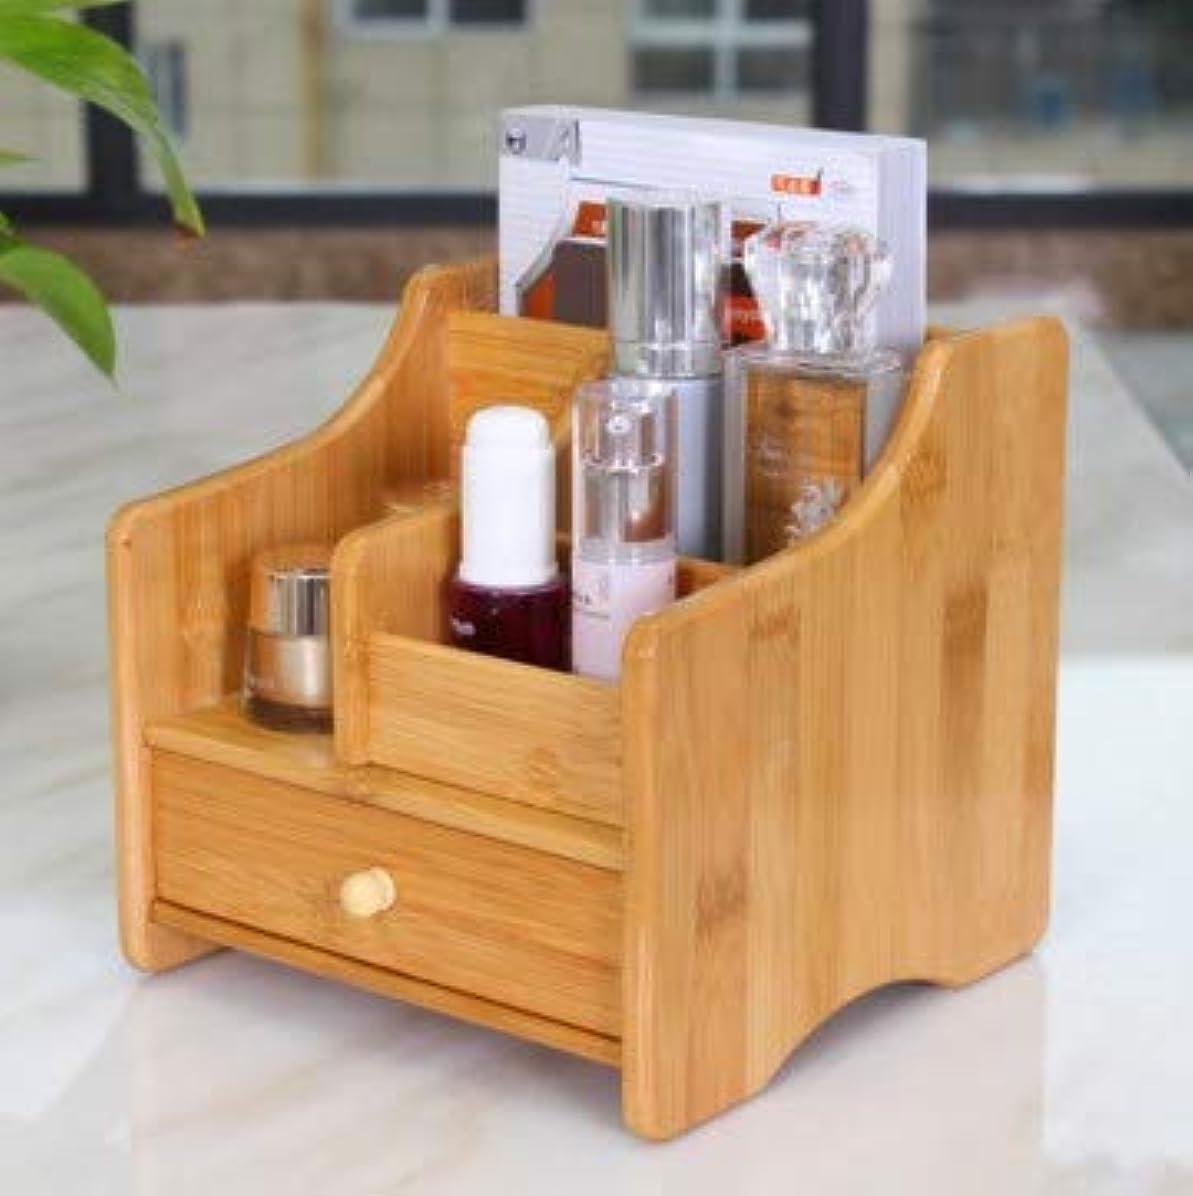 プレミアム瀬戸際る竹デスクトップリモコン収納ボックスデスクトップ化粧品文房具竹棚化粧品収納ボックス